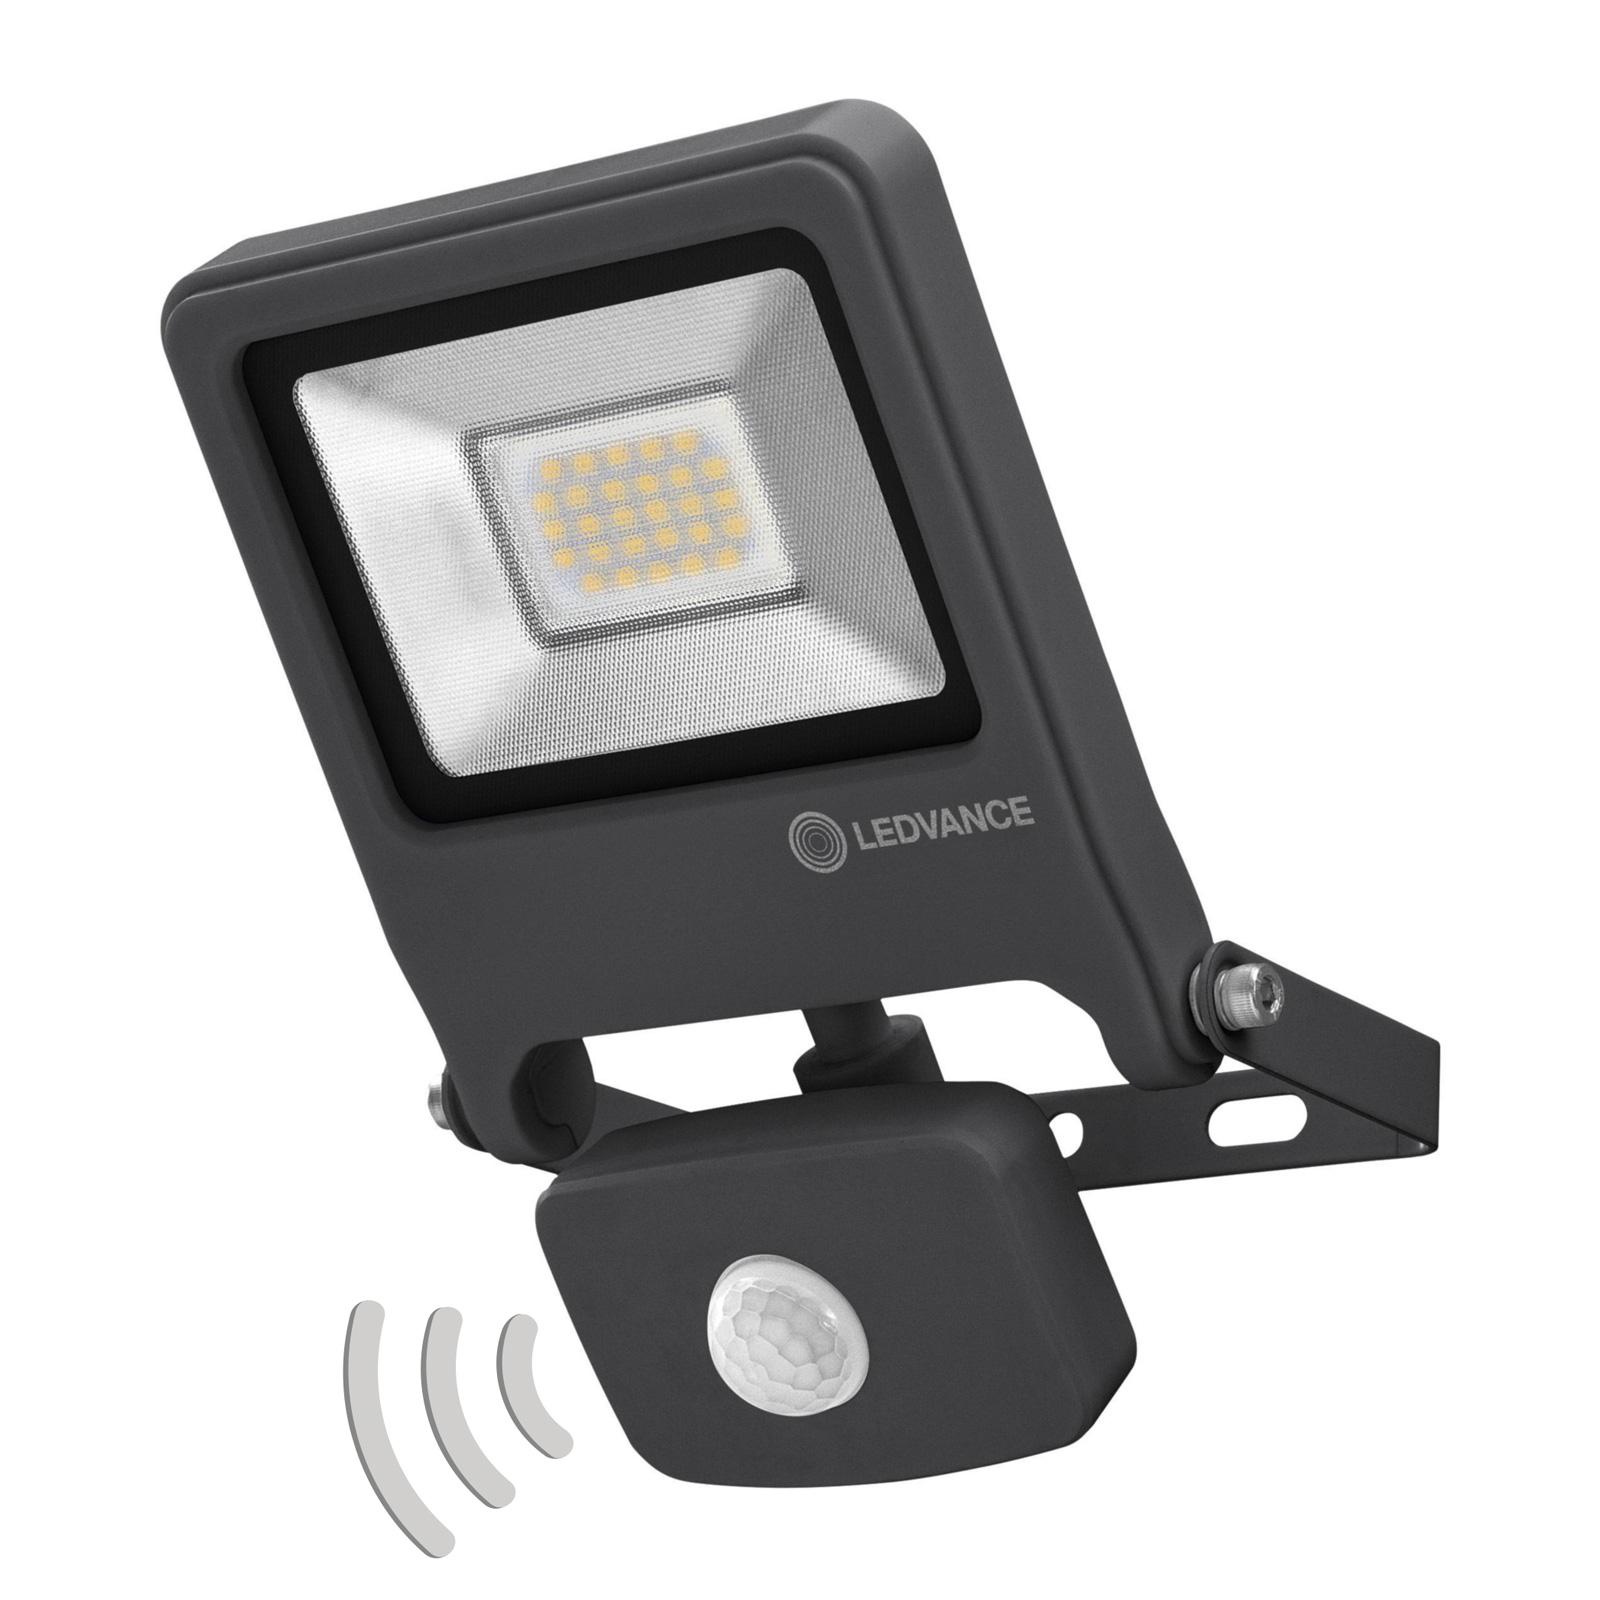 LEDVANCE Endura Flood Sensor utomhus spotlampa 20